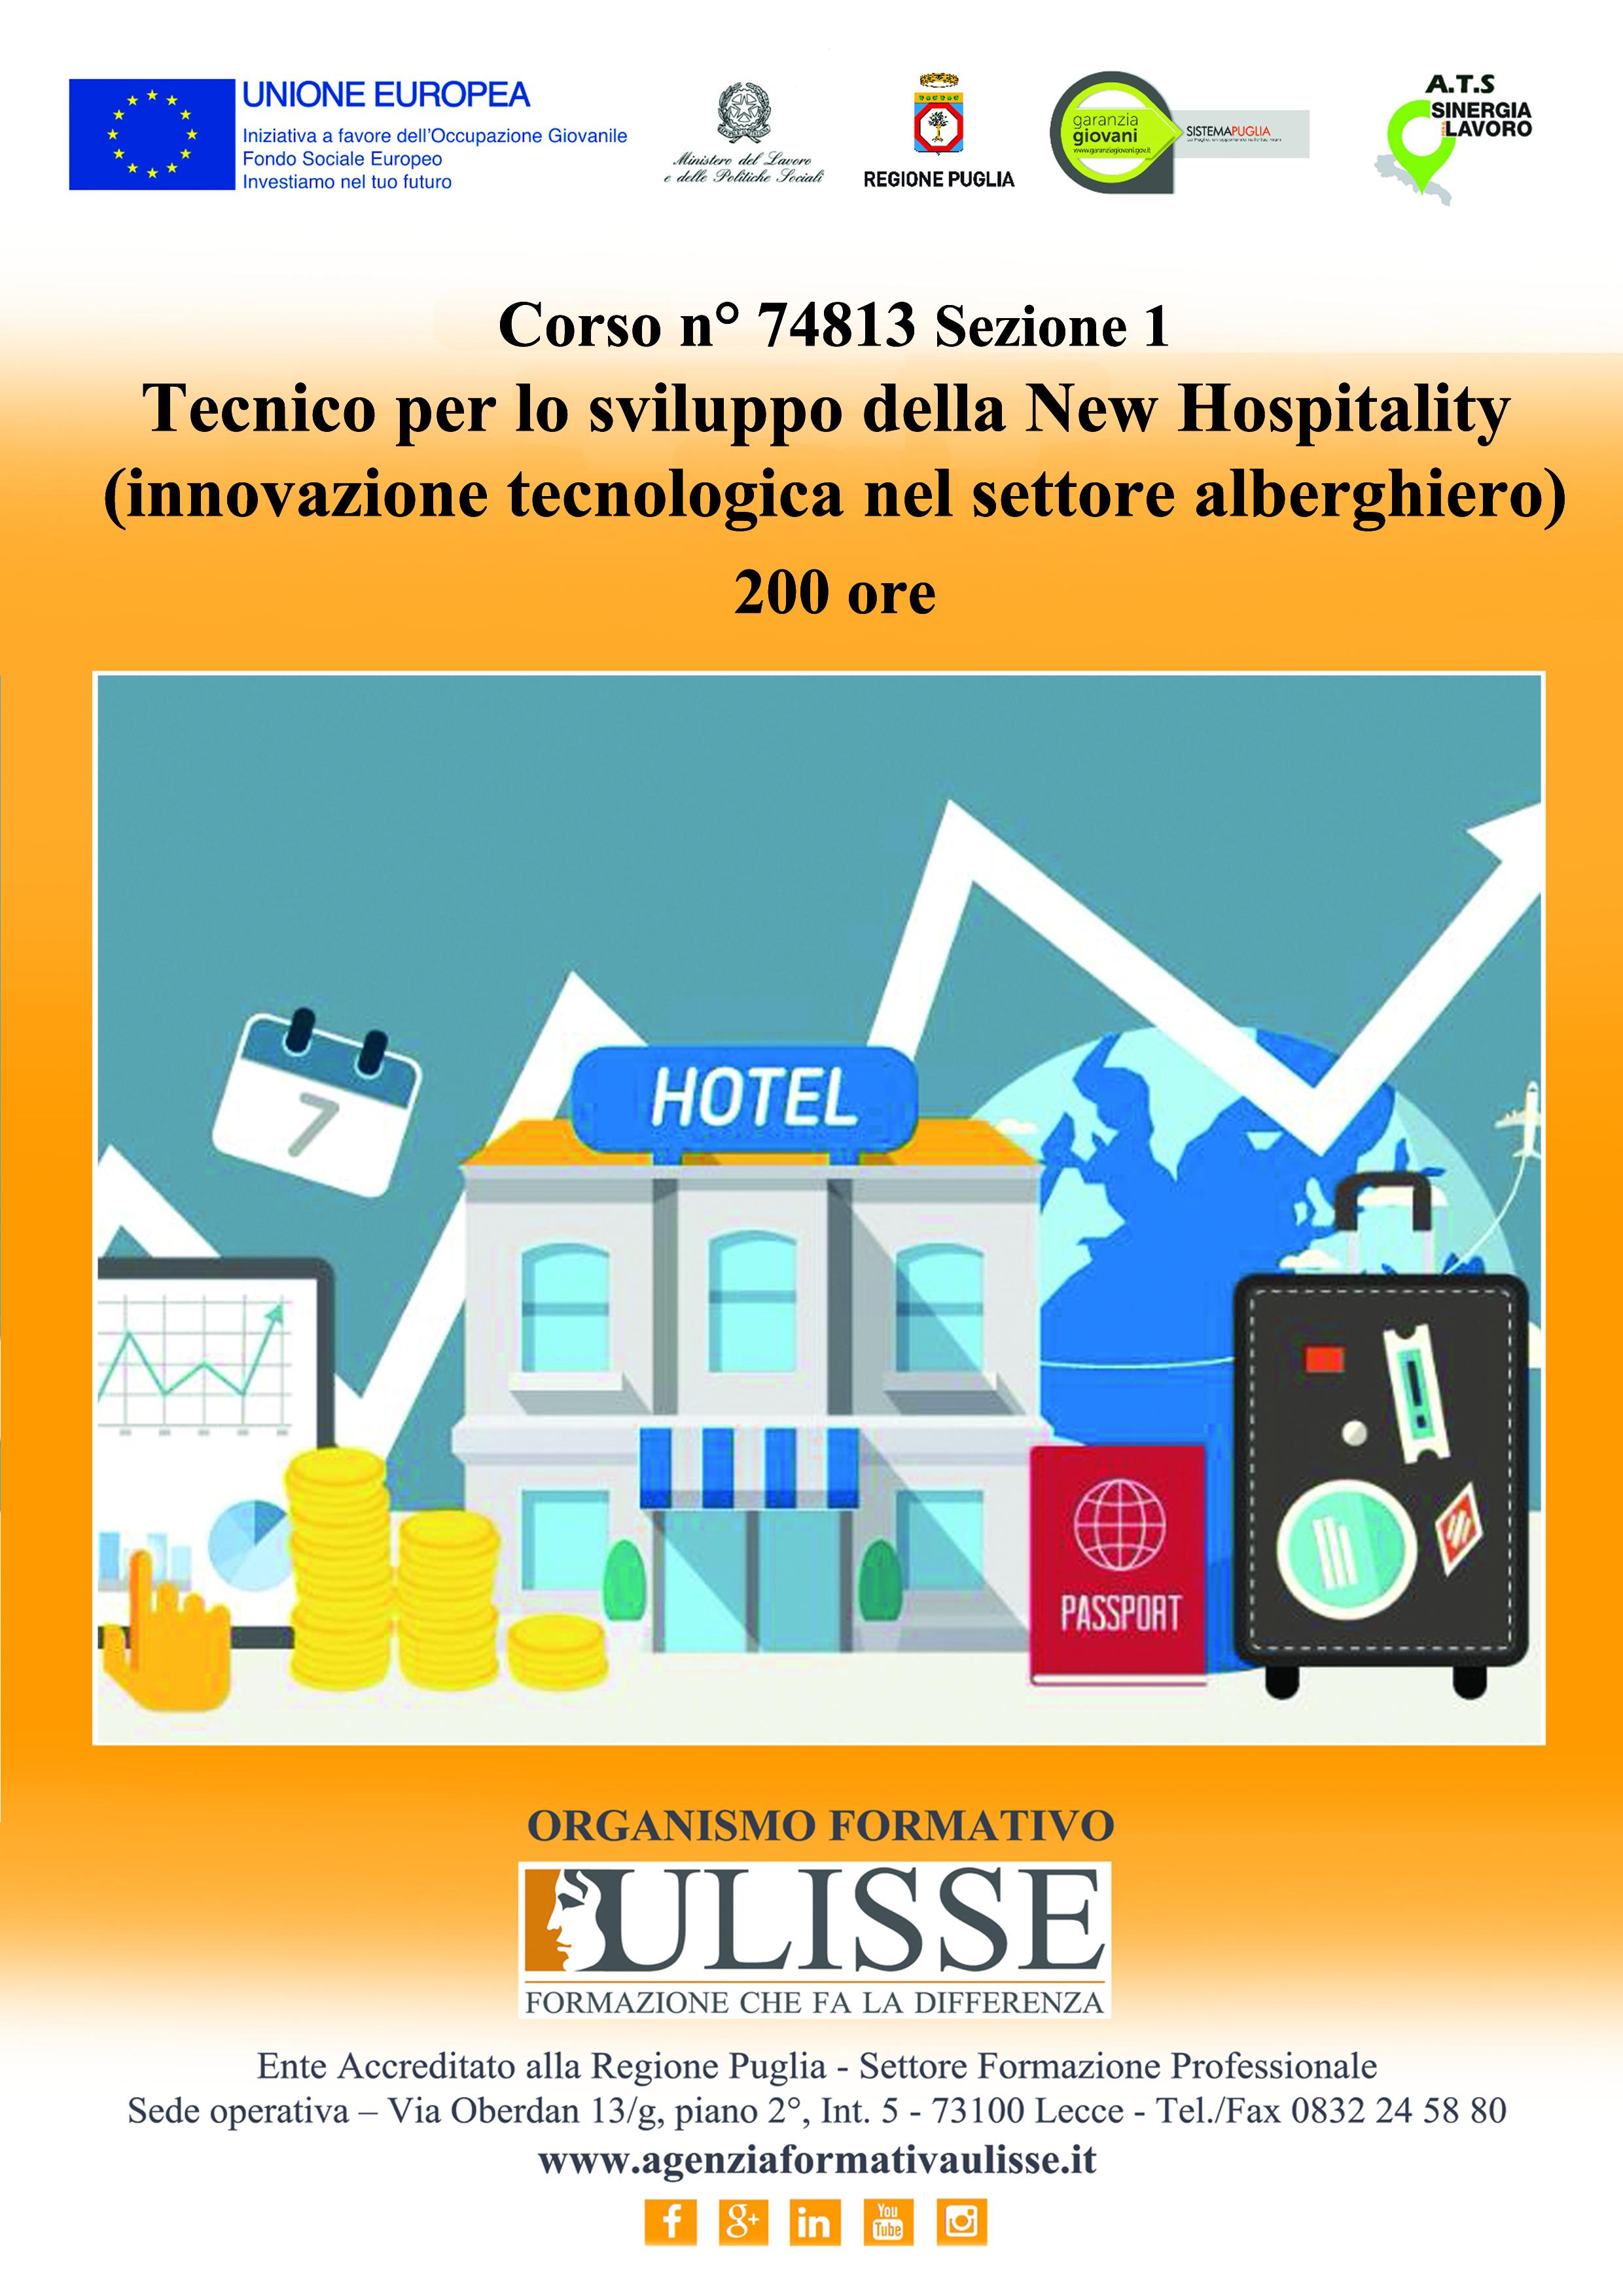 Tecnico per lo sviluppo della new hospitality